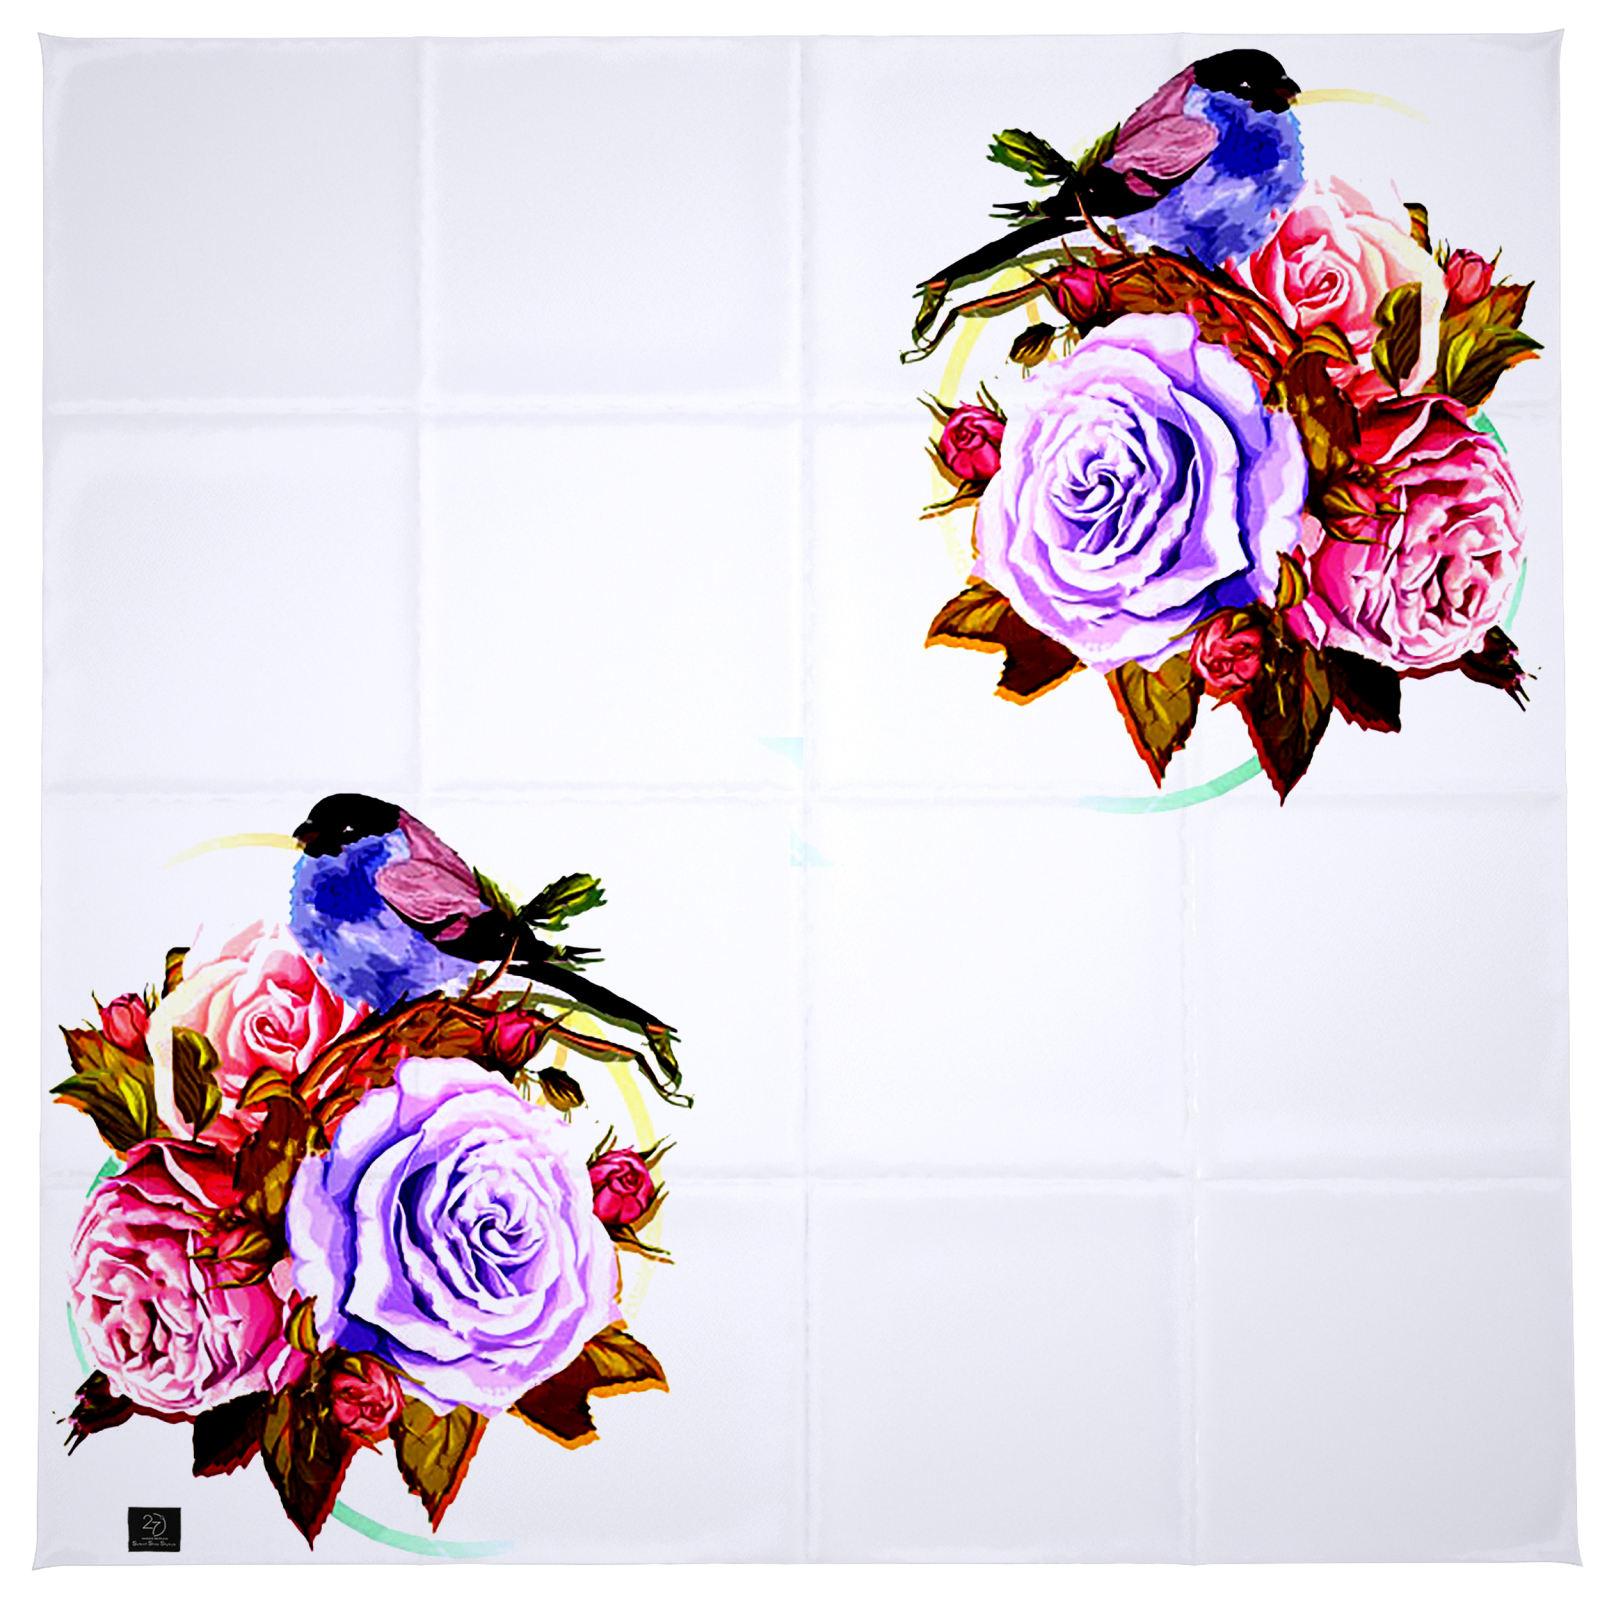 روسری زنانه 27 طرح پرنده و گل کد H06 -  - 7